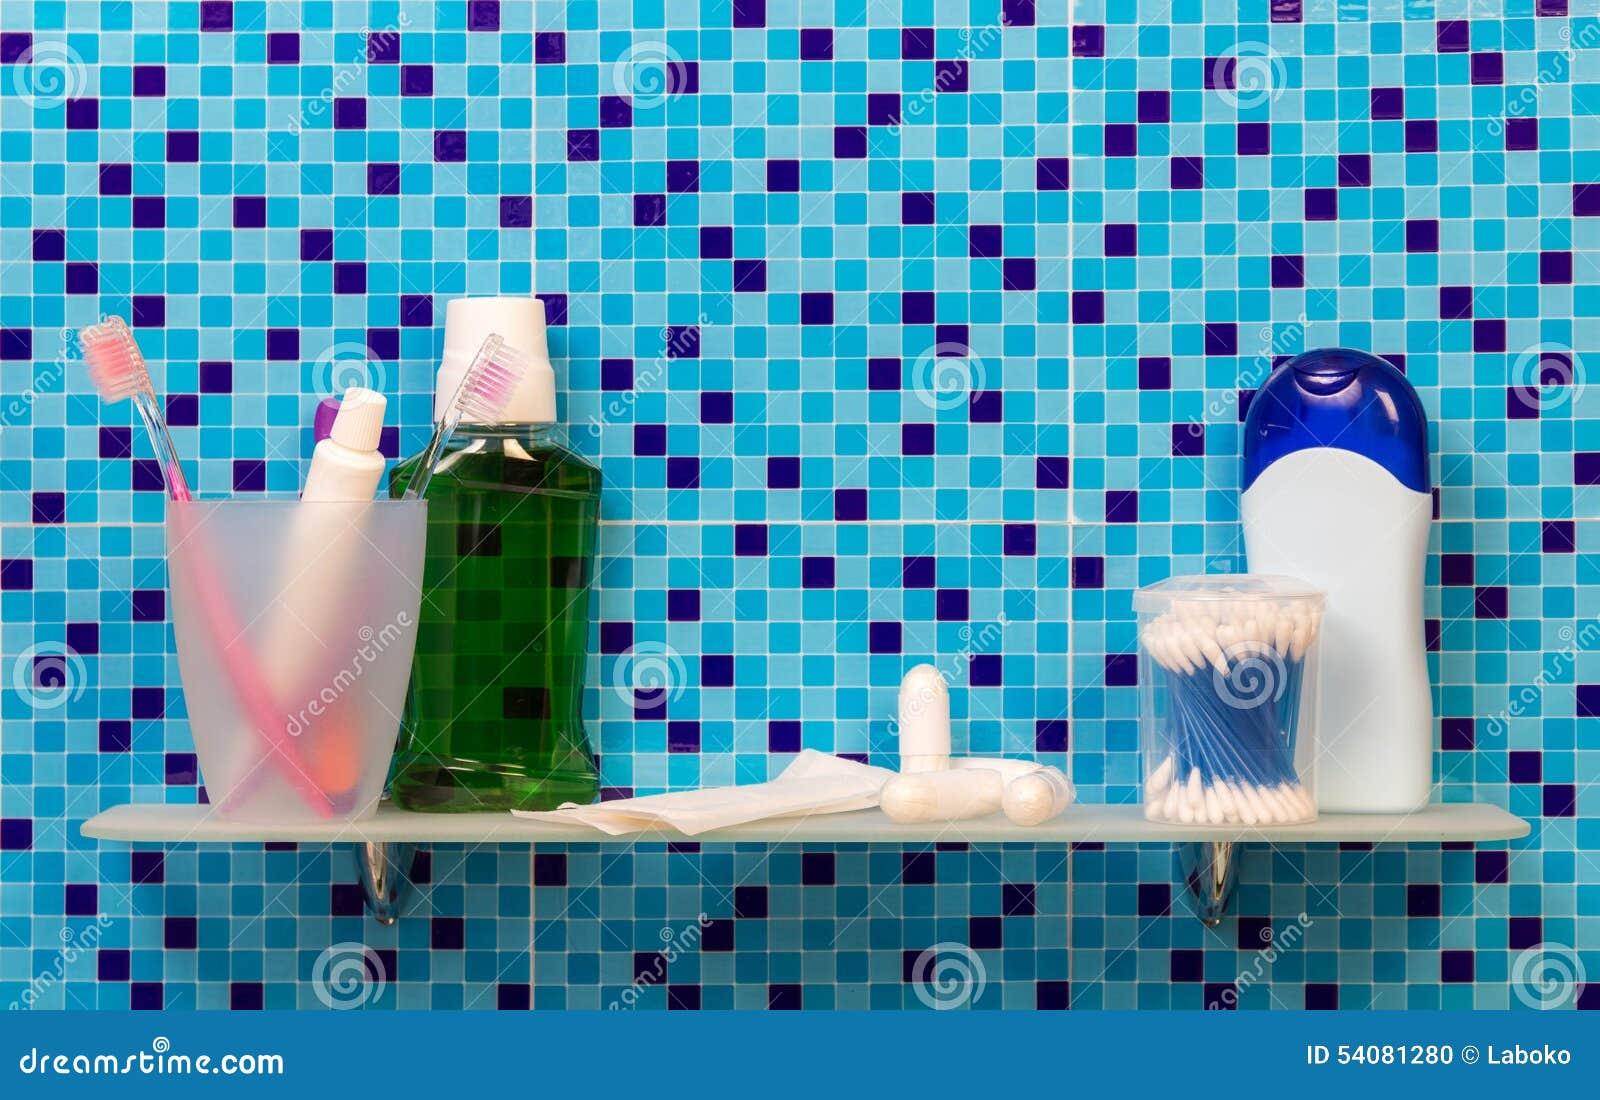 Tandenborstels op badkamersplank